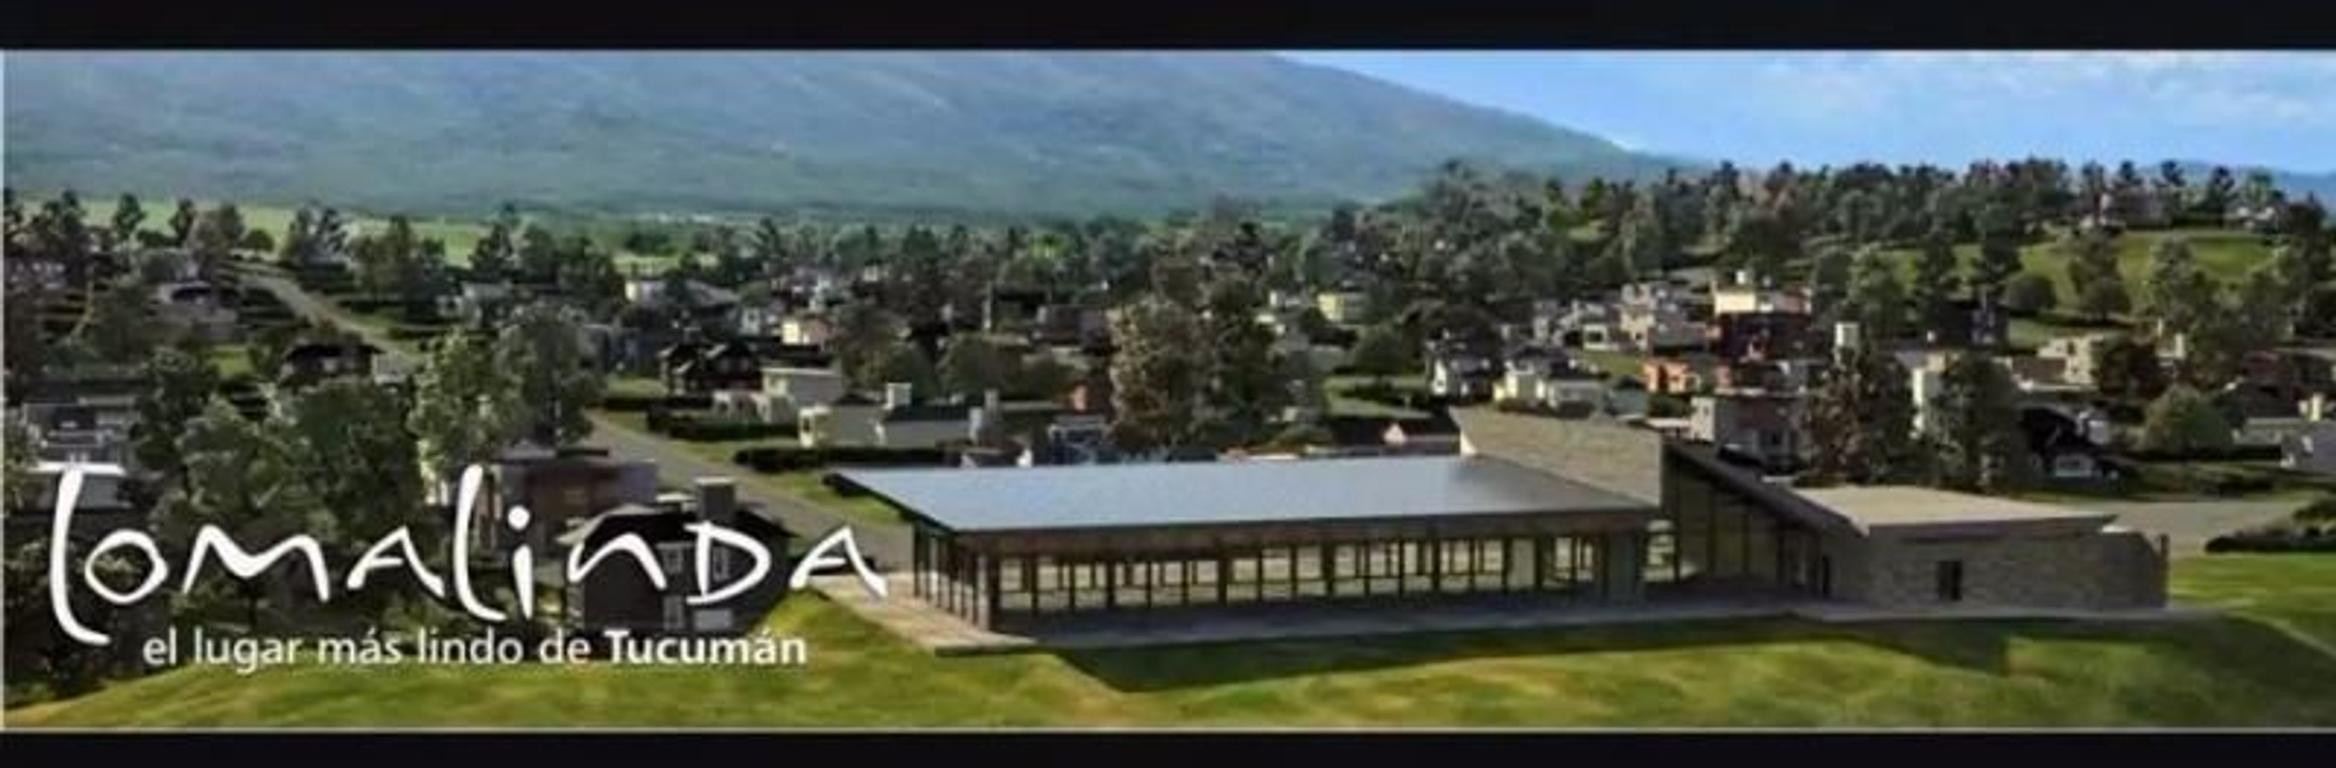 Oportunidad!!! Venta de Terrenos en Country Loma Linda - Excelentes precios!!!